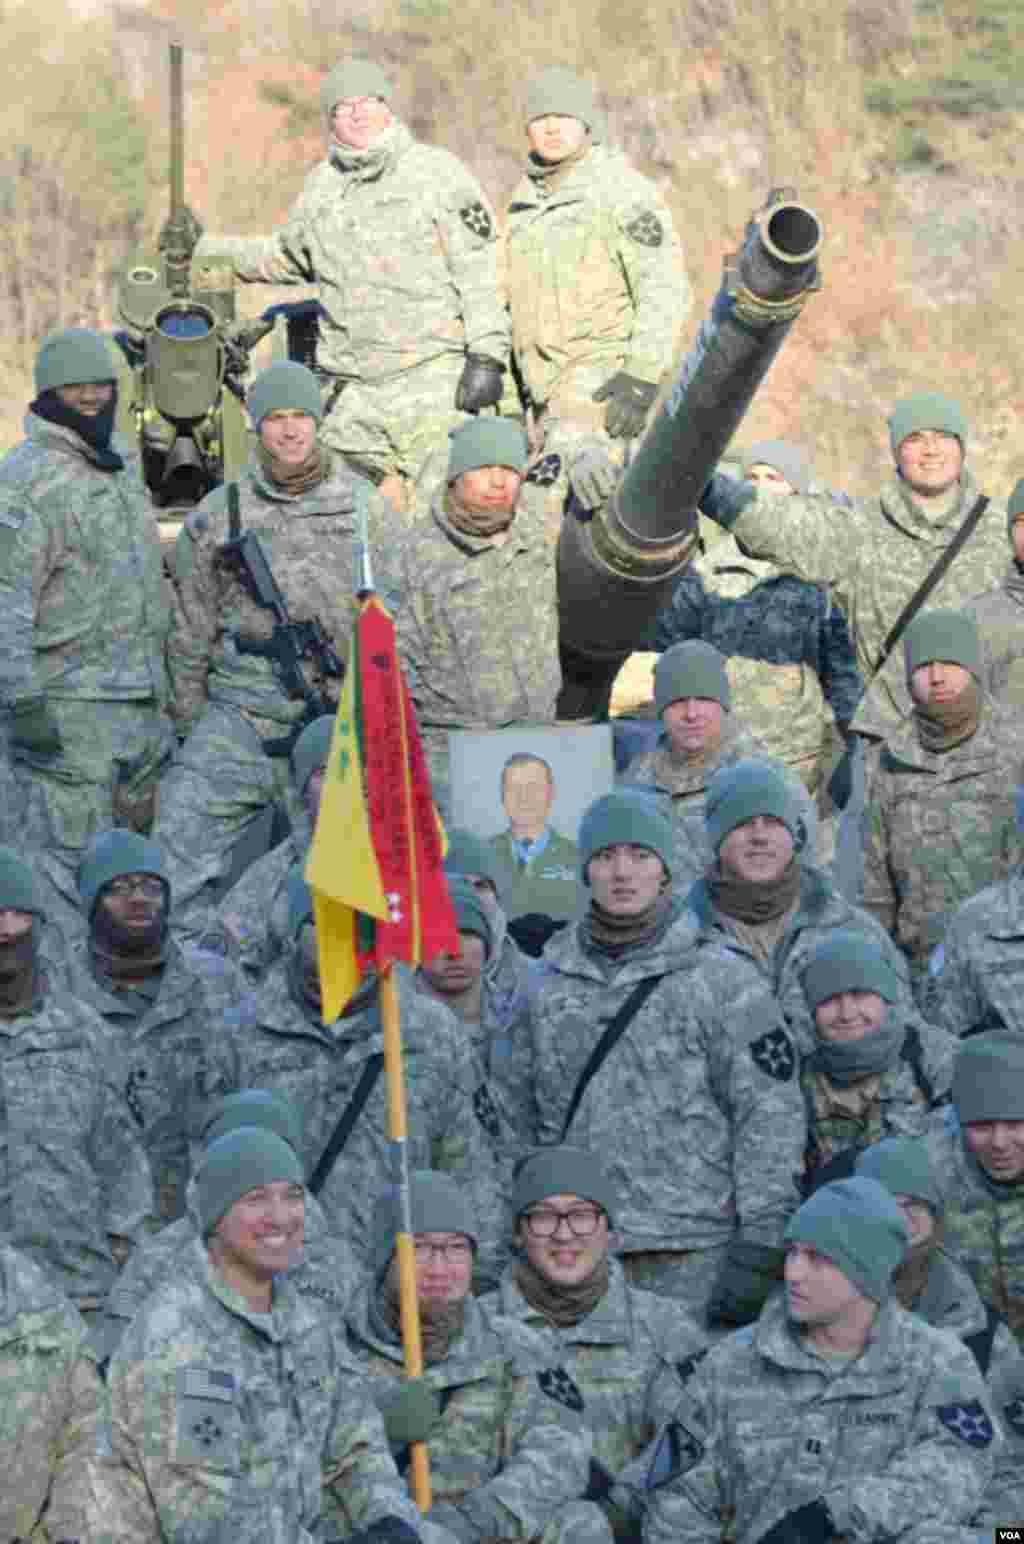 駐韓國抱川的美國陸軍第二步兵師包括韓國軍隊成員,這些韓國軍人和美國軍人同吃同住同訓練。(美國之音赫爾曼拍攝)